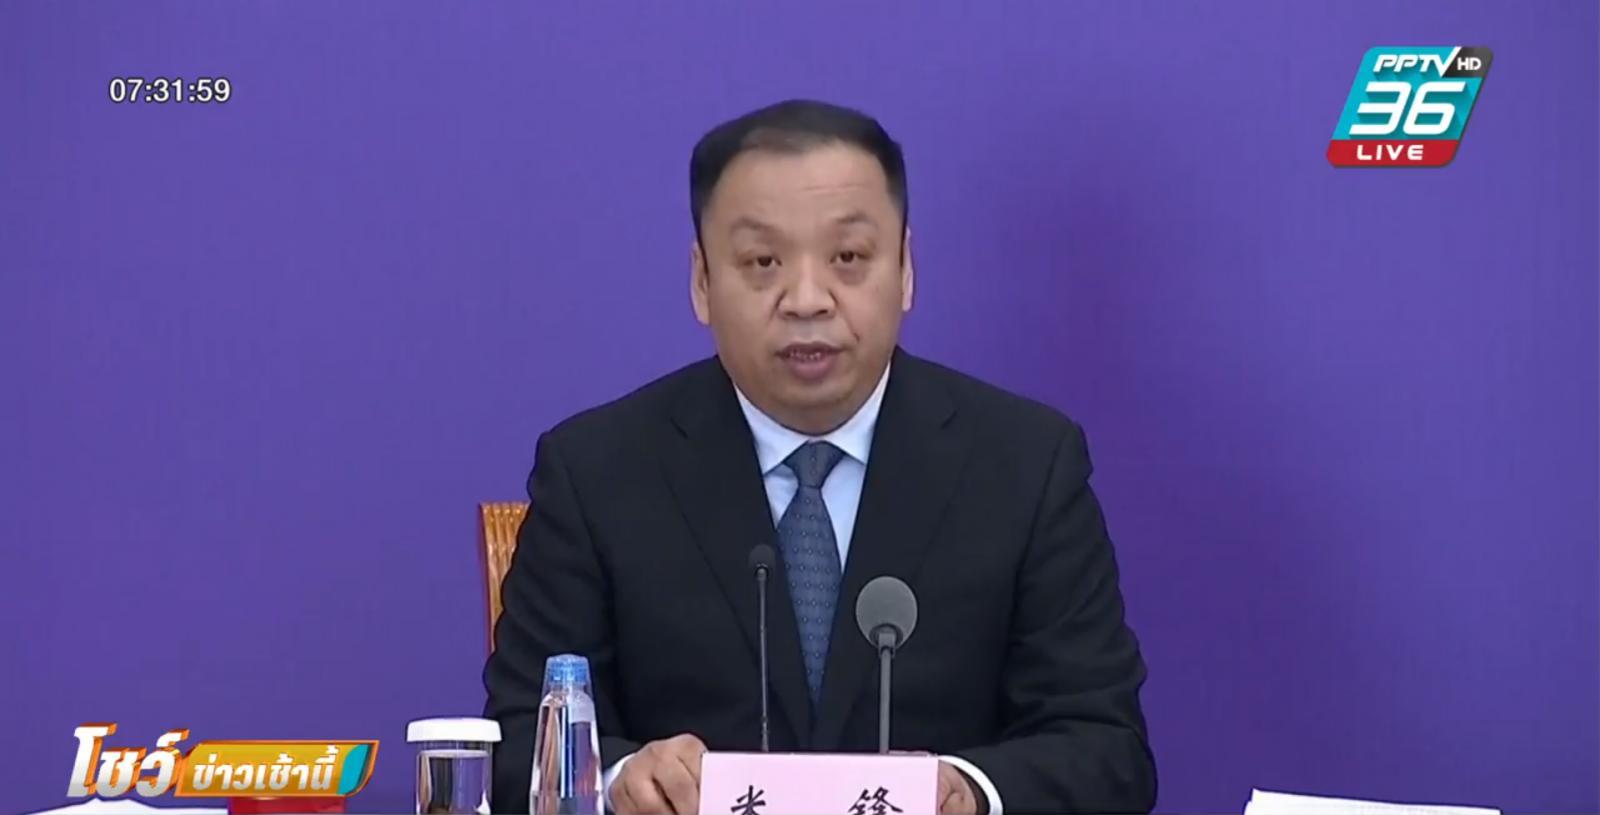 จีน เผยตัวเลข ติดโควิด-19 ไม่แสดงอาการ กว่าพันคน